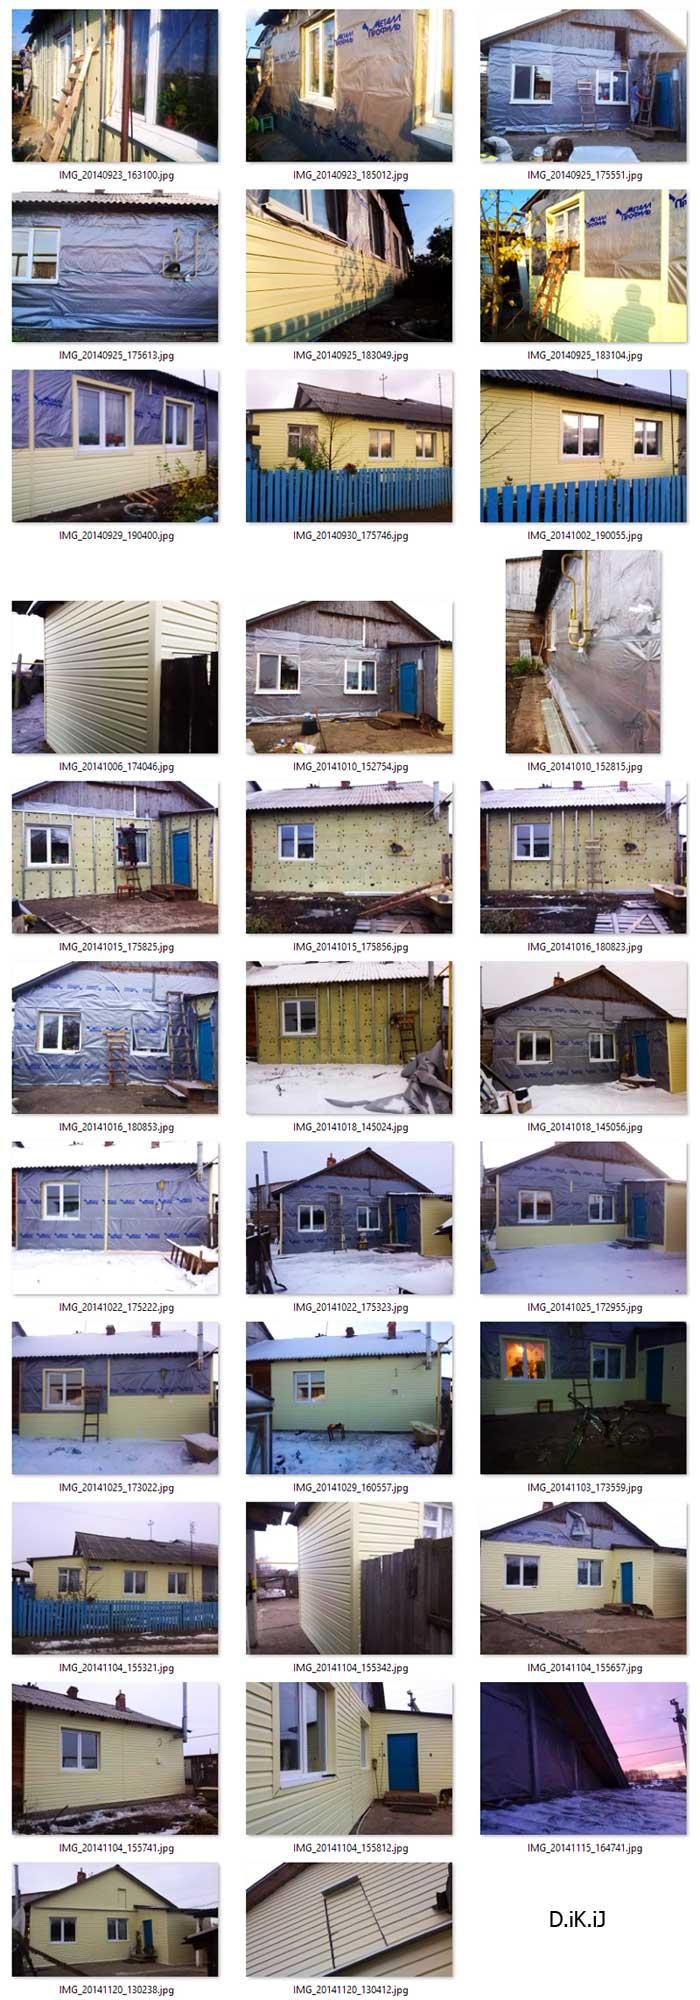 (24.01.2015 gorod) Сайдинг своими руками - Фото как мы это делали